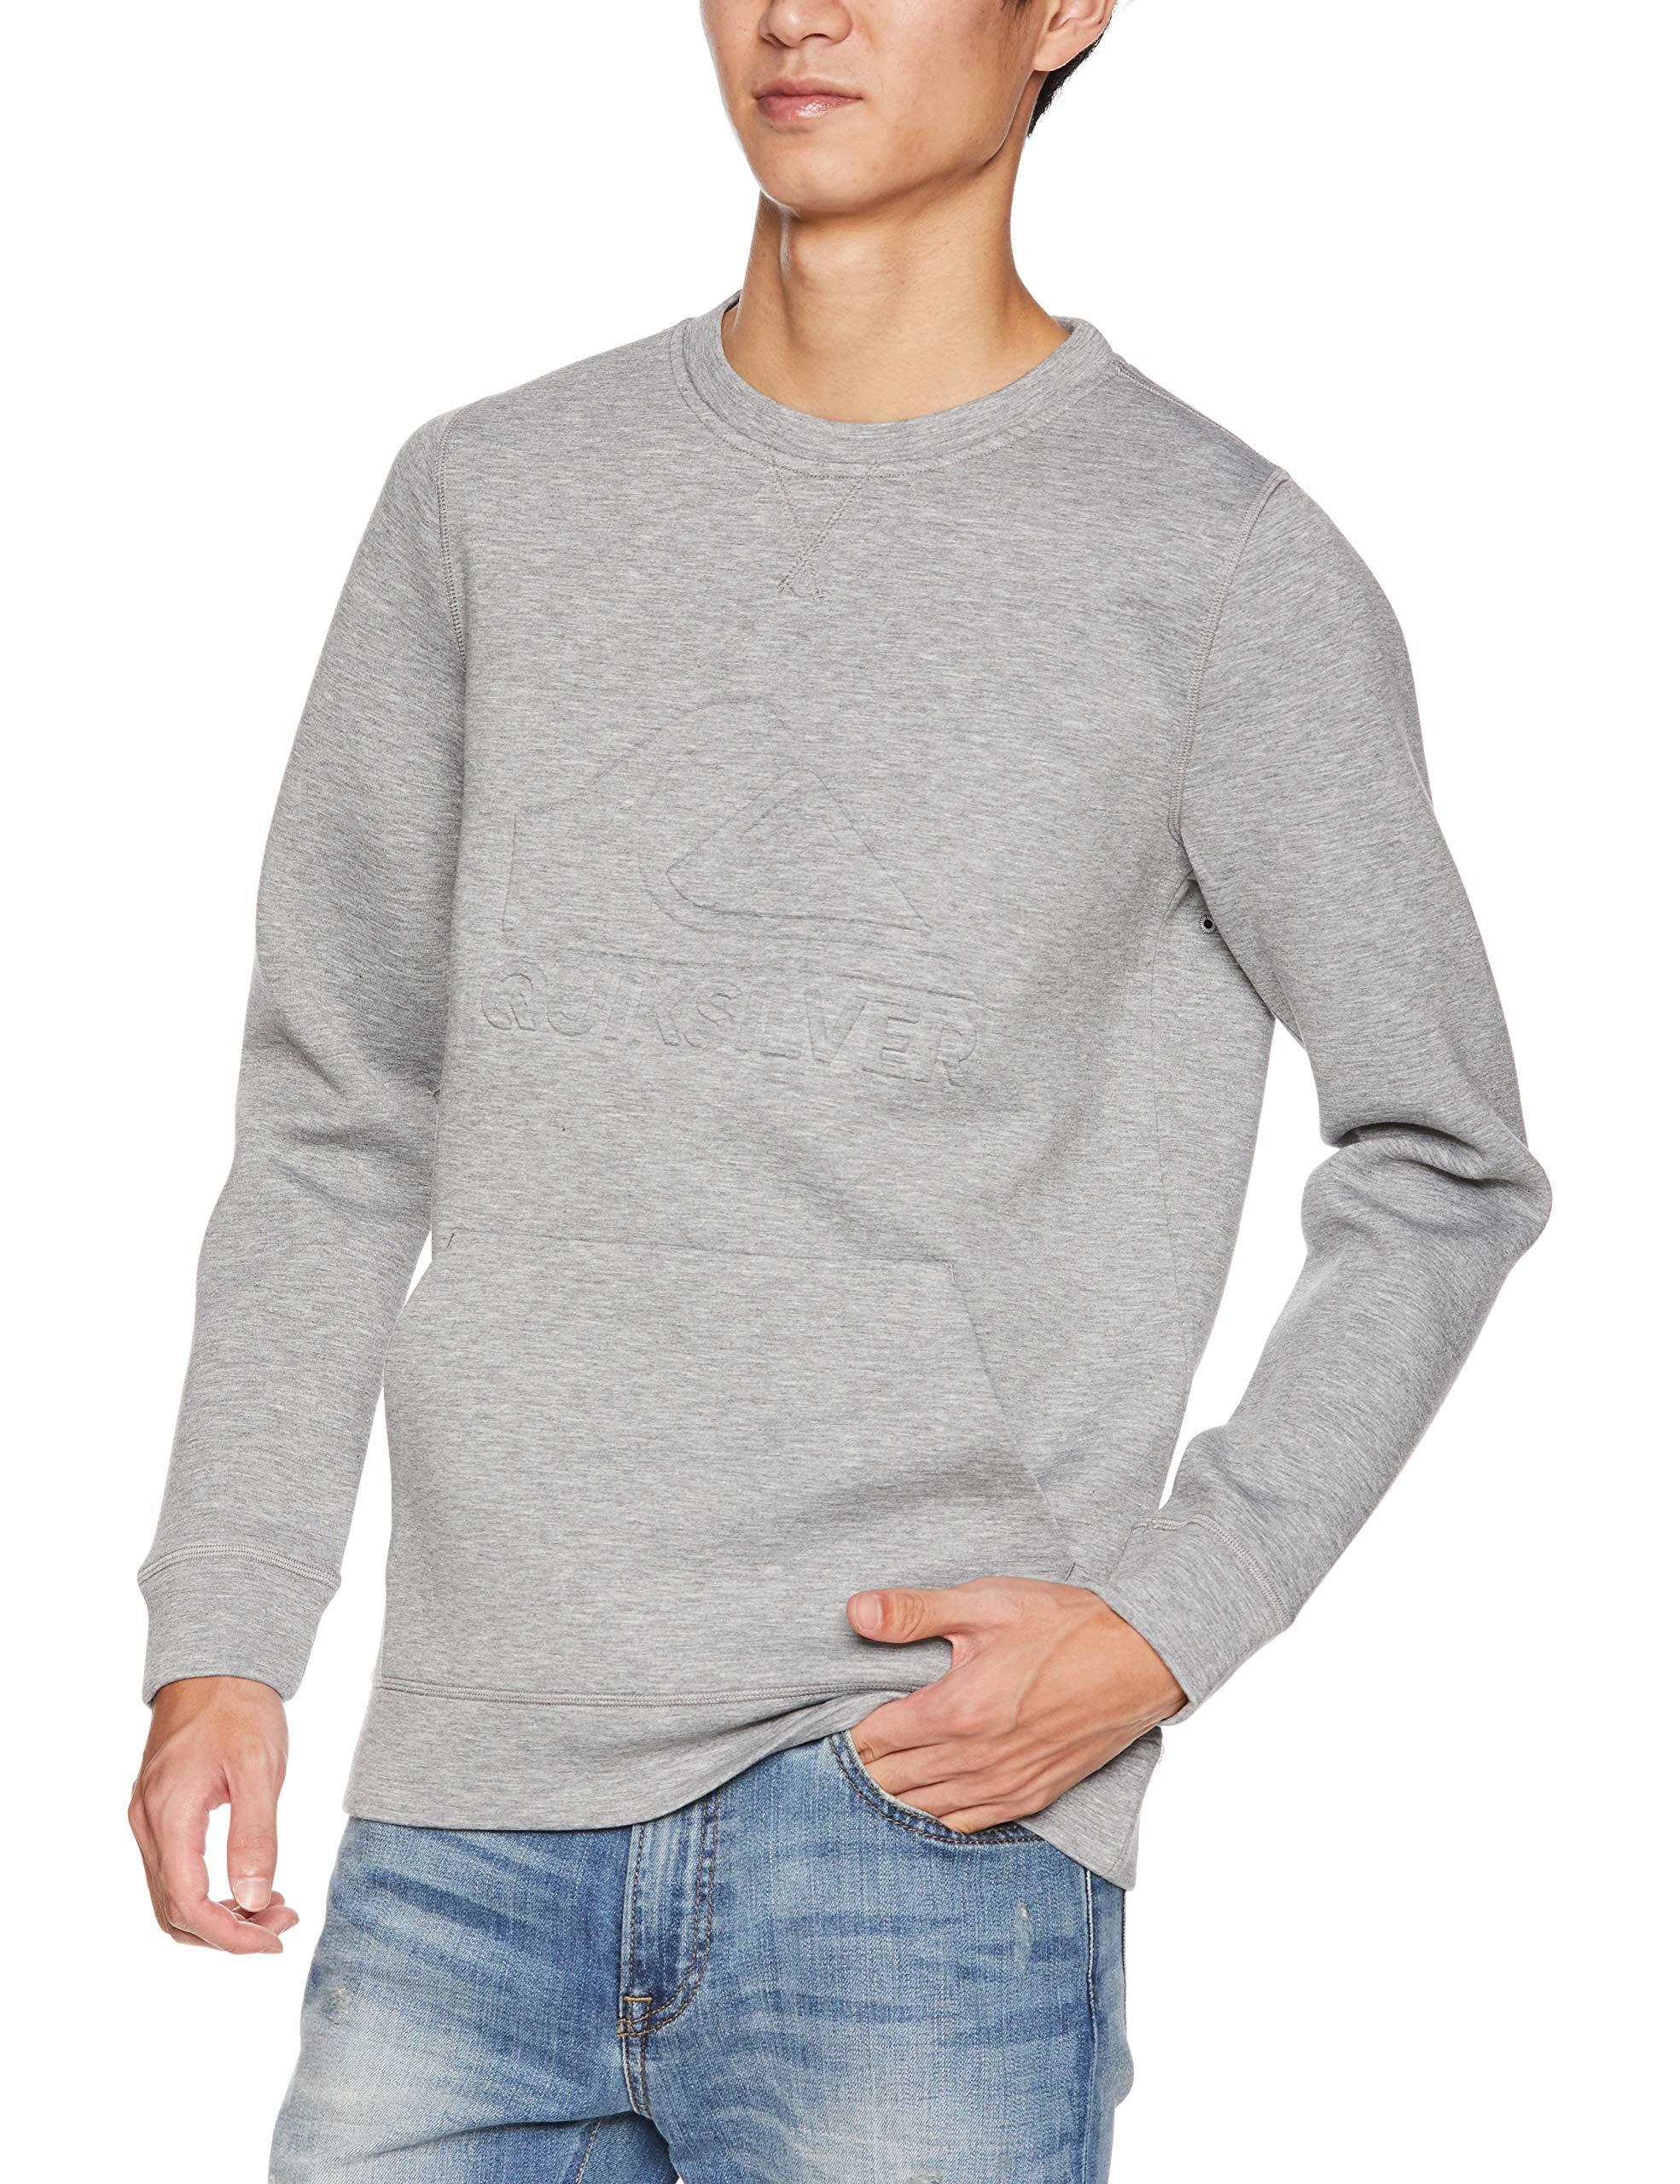 Quiksilver Mens Aker Hz Fleece Jacket